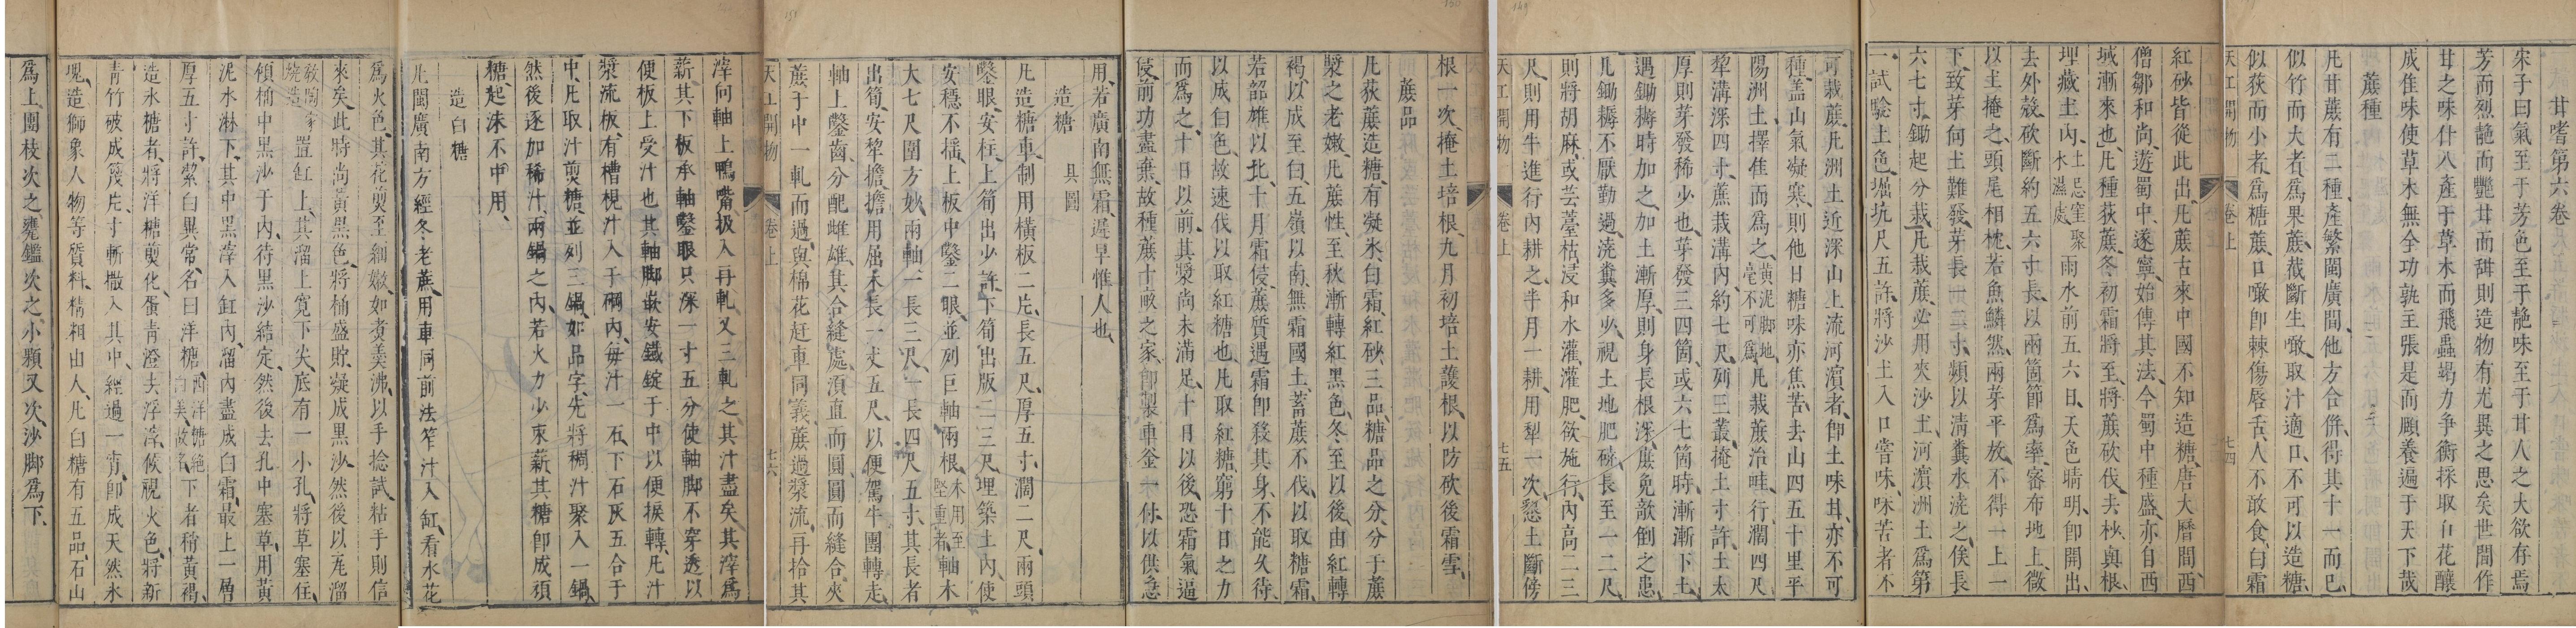 _____Tian_gong_kai_wu_[...]_btv1b52505781g (1).JPEG